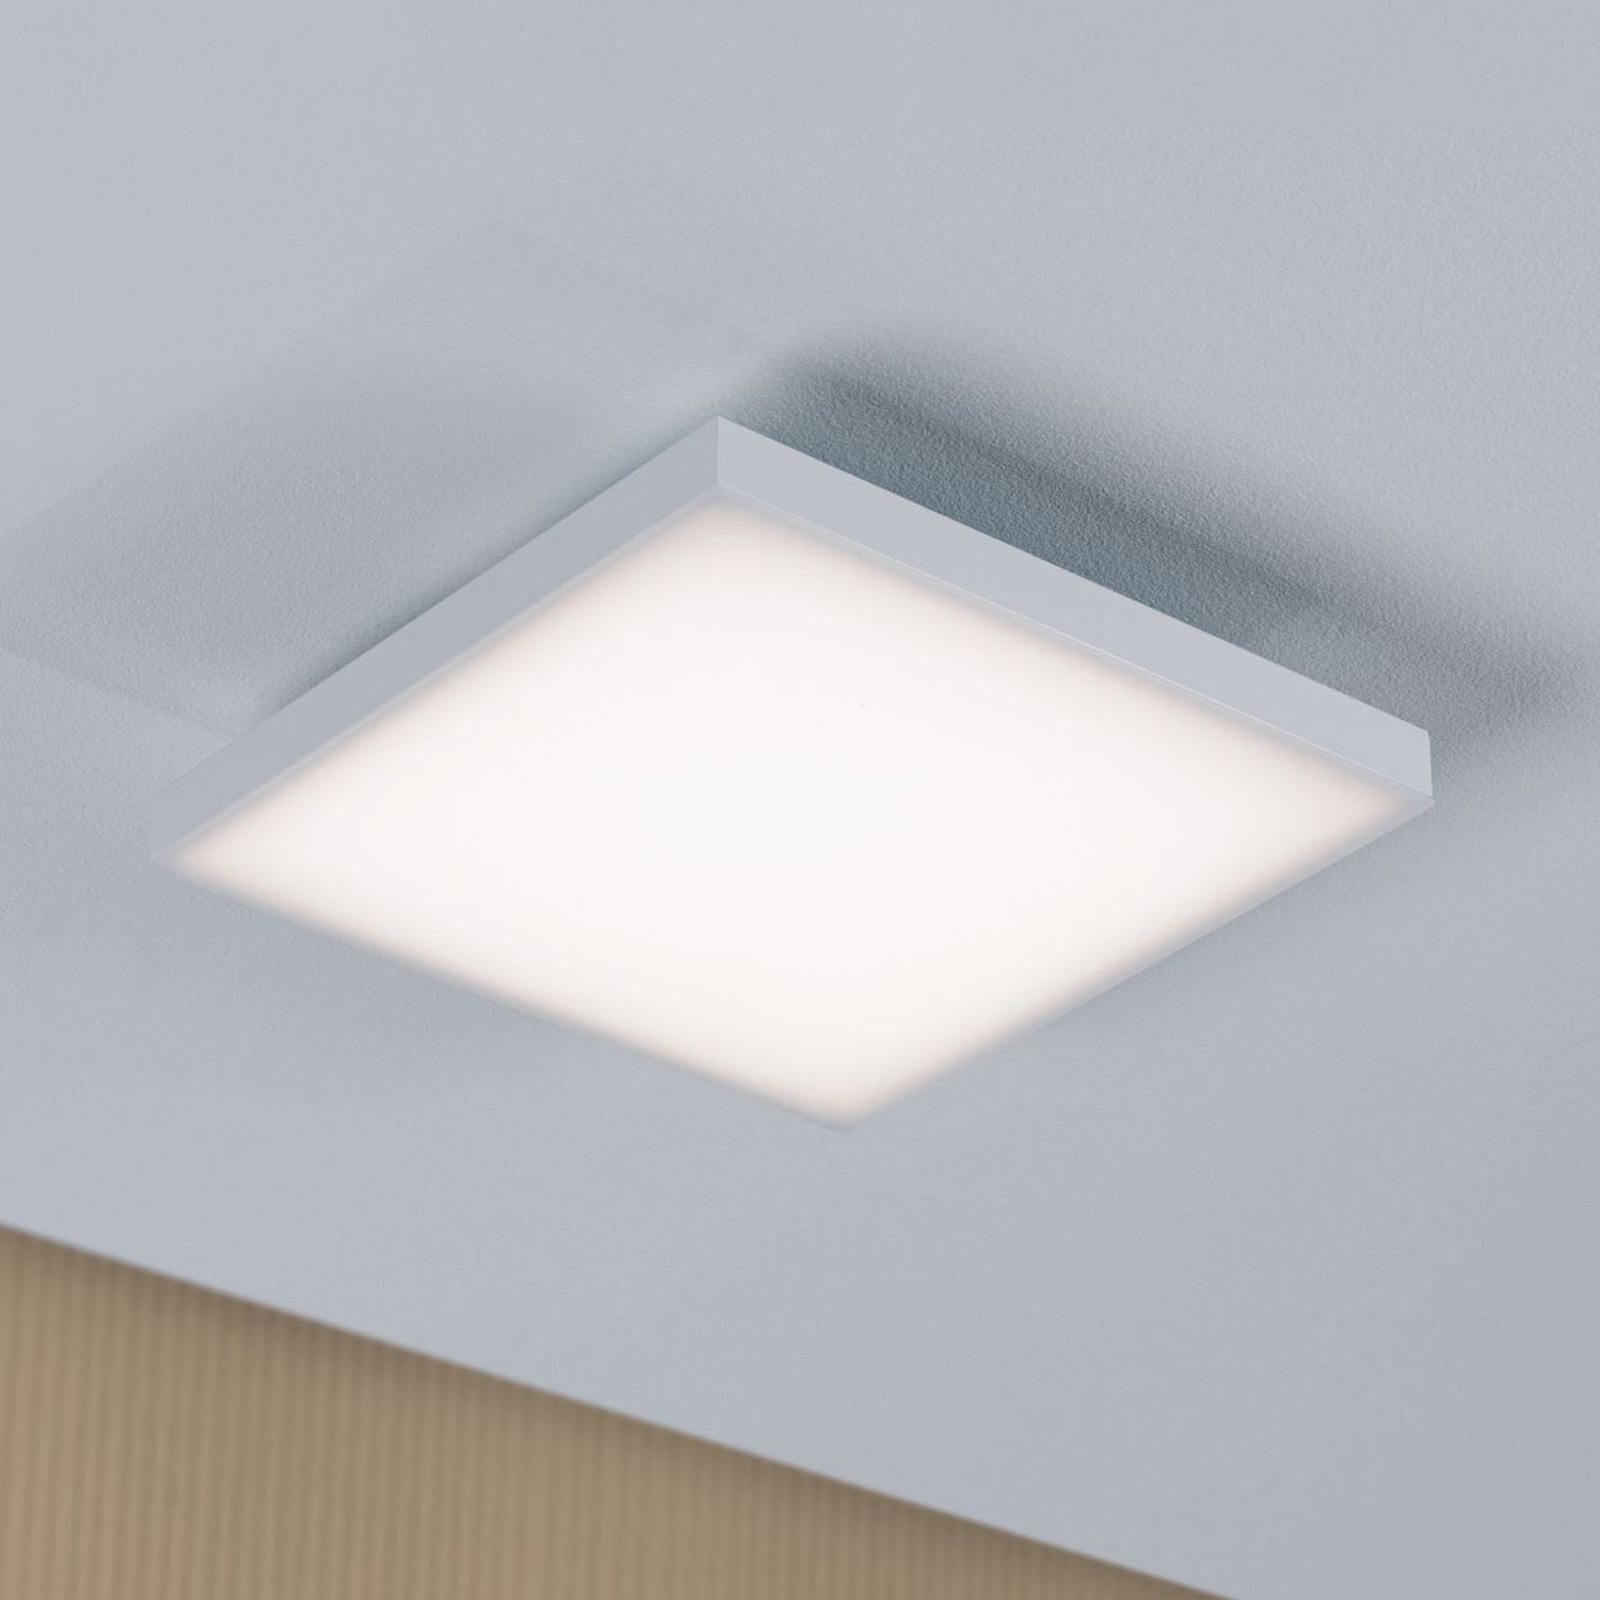 Paulmann Velora plafonnier LED 22,5 x 22,5cm